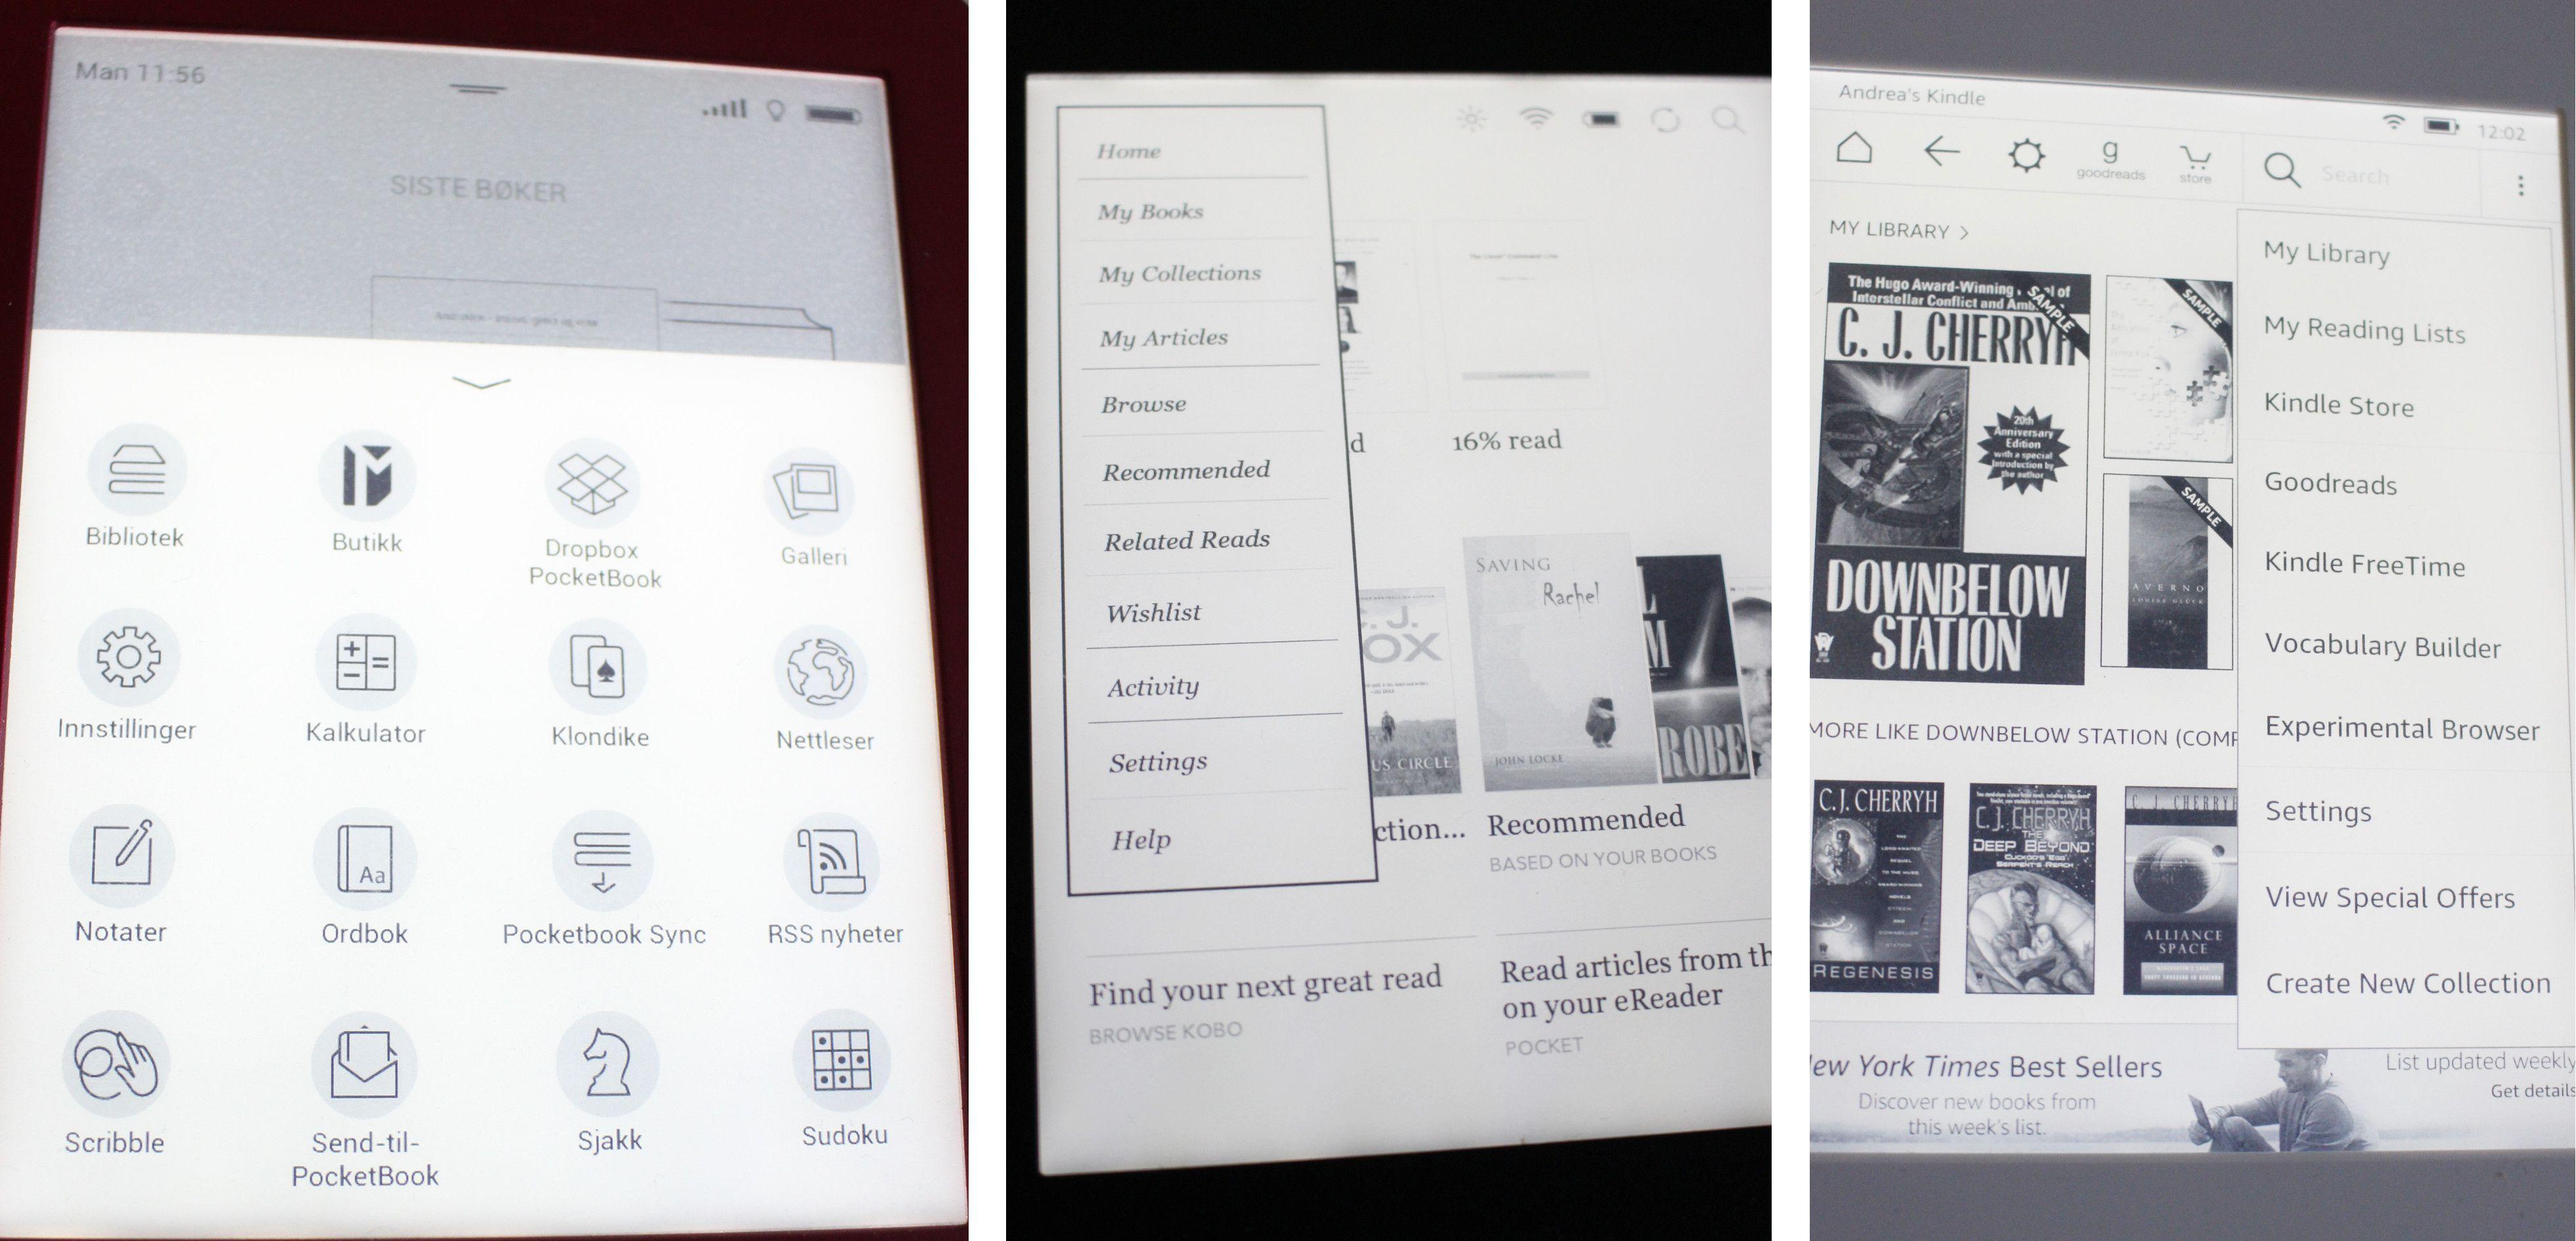 Lesebrettene har litt forskjellige menyer. PocketBook (til venstre) skiller seg fra Kobo (midten) og Paperwhite (høyre) som den mest oversiktelige og lettleste.